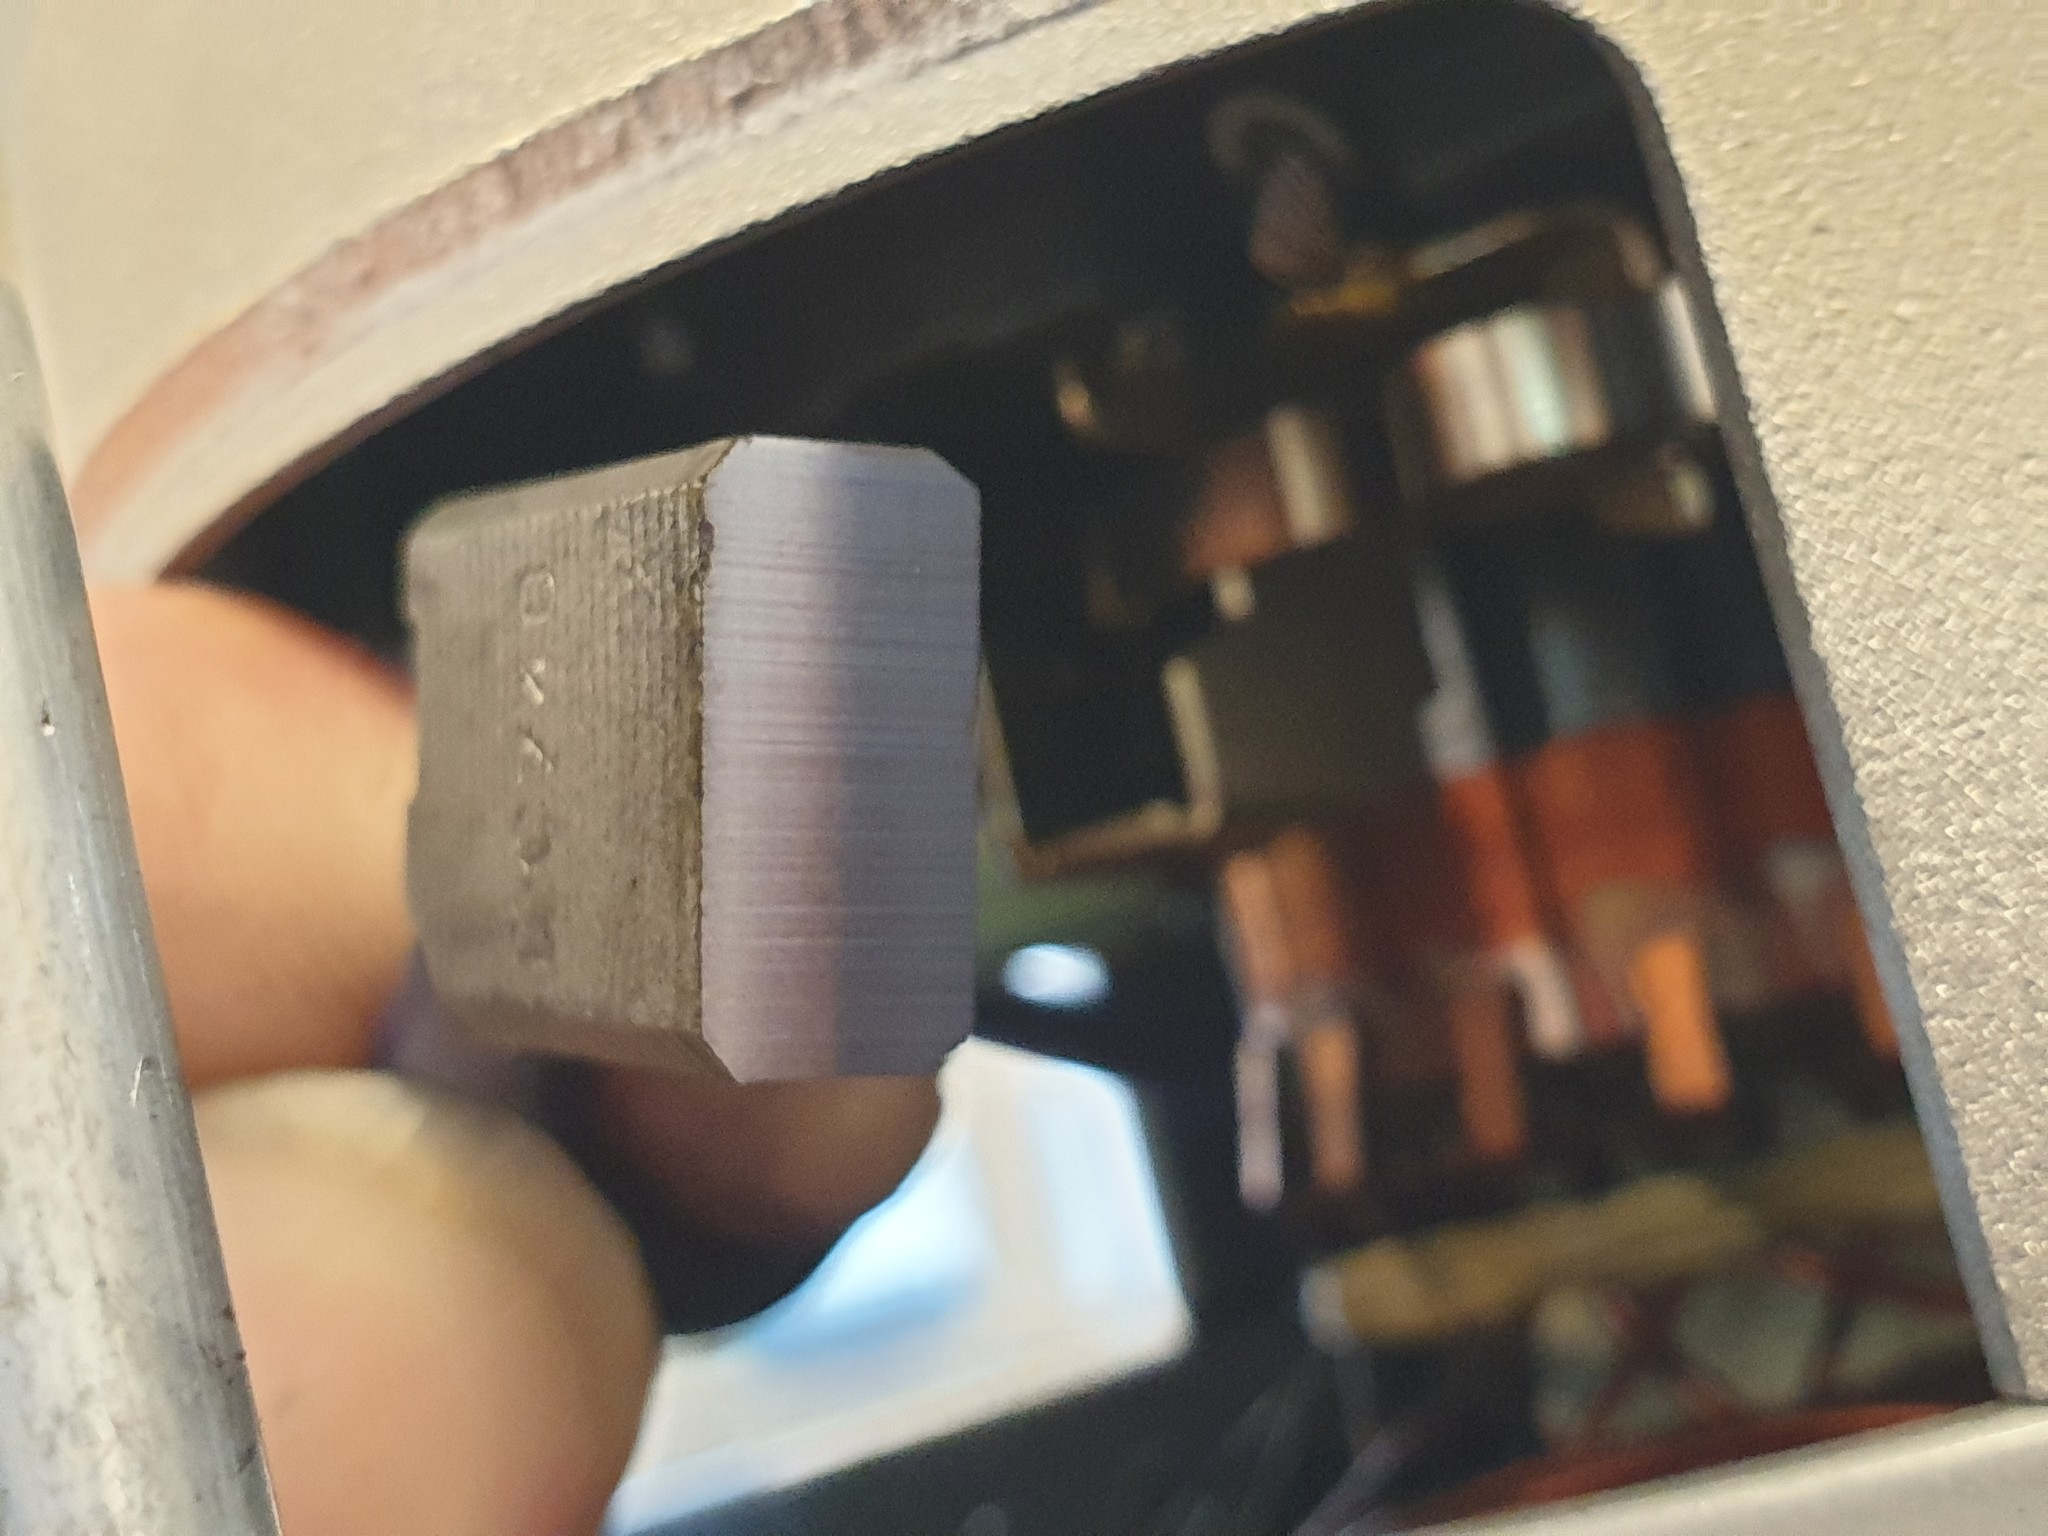 Koolborstels controleren van de Suex motor